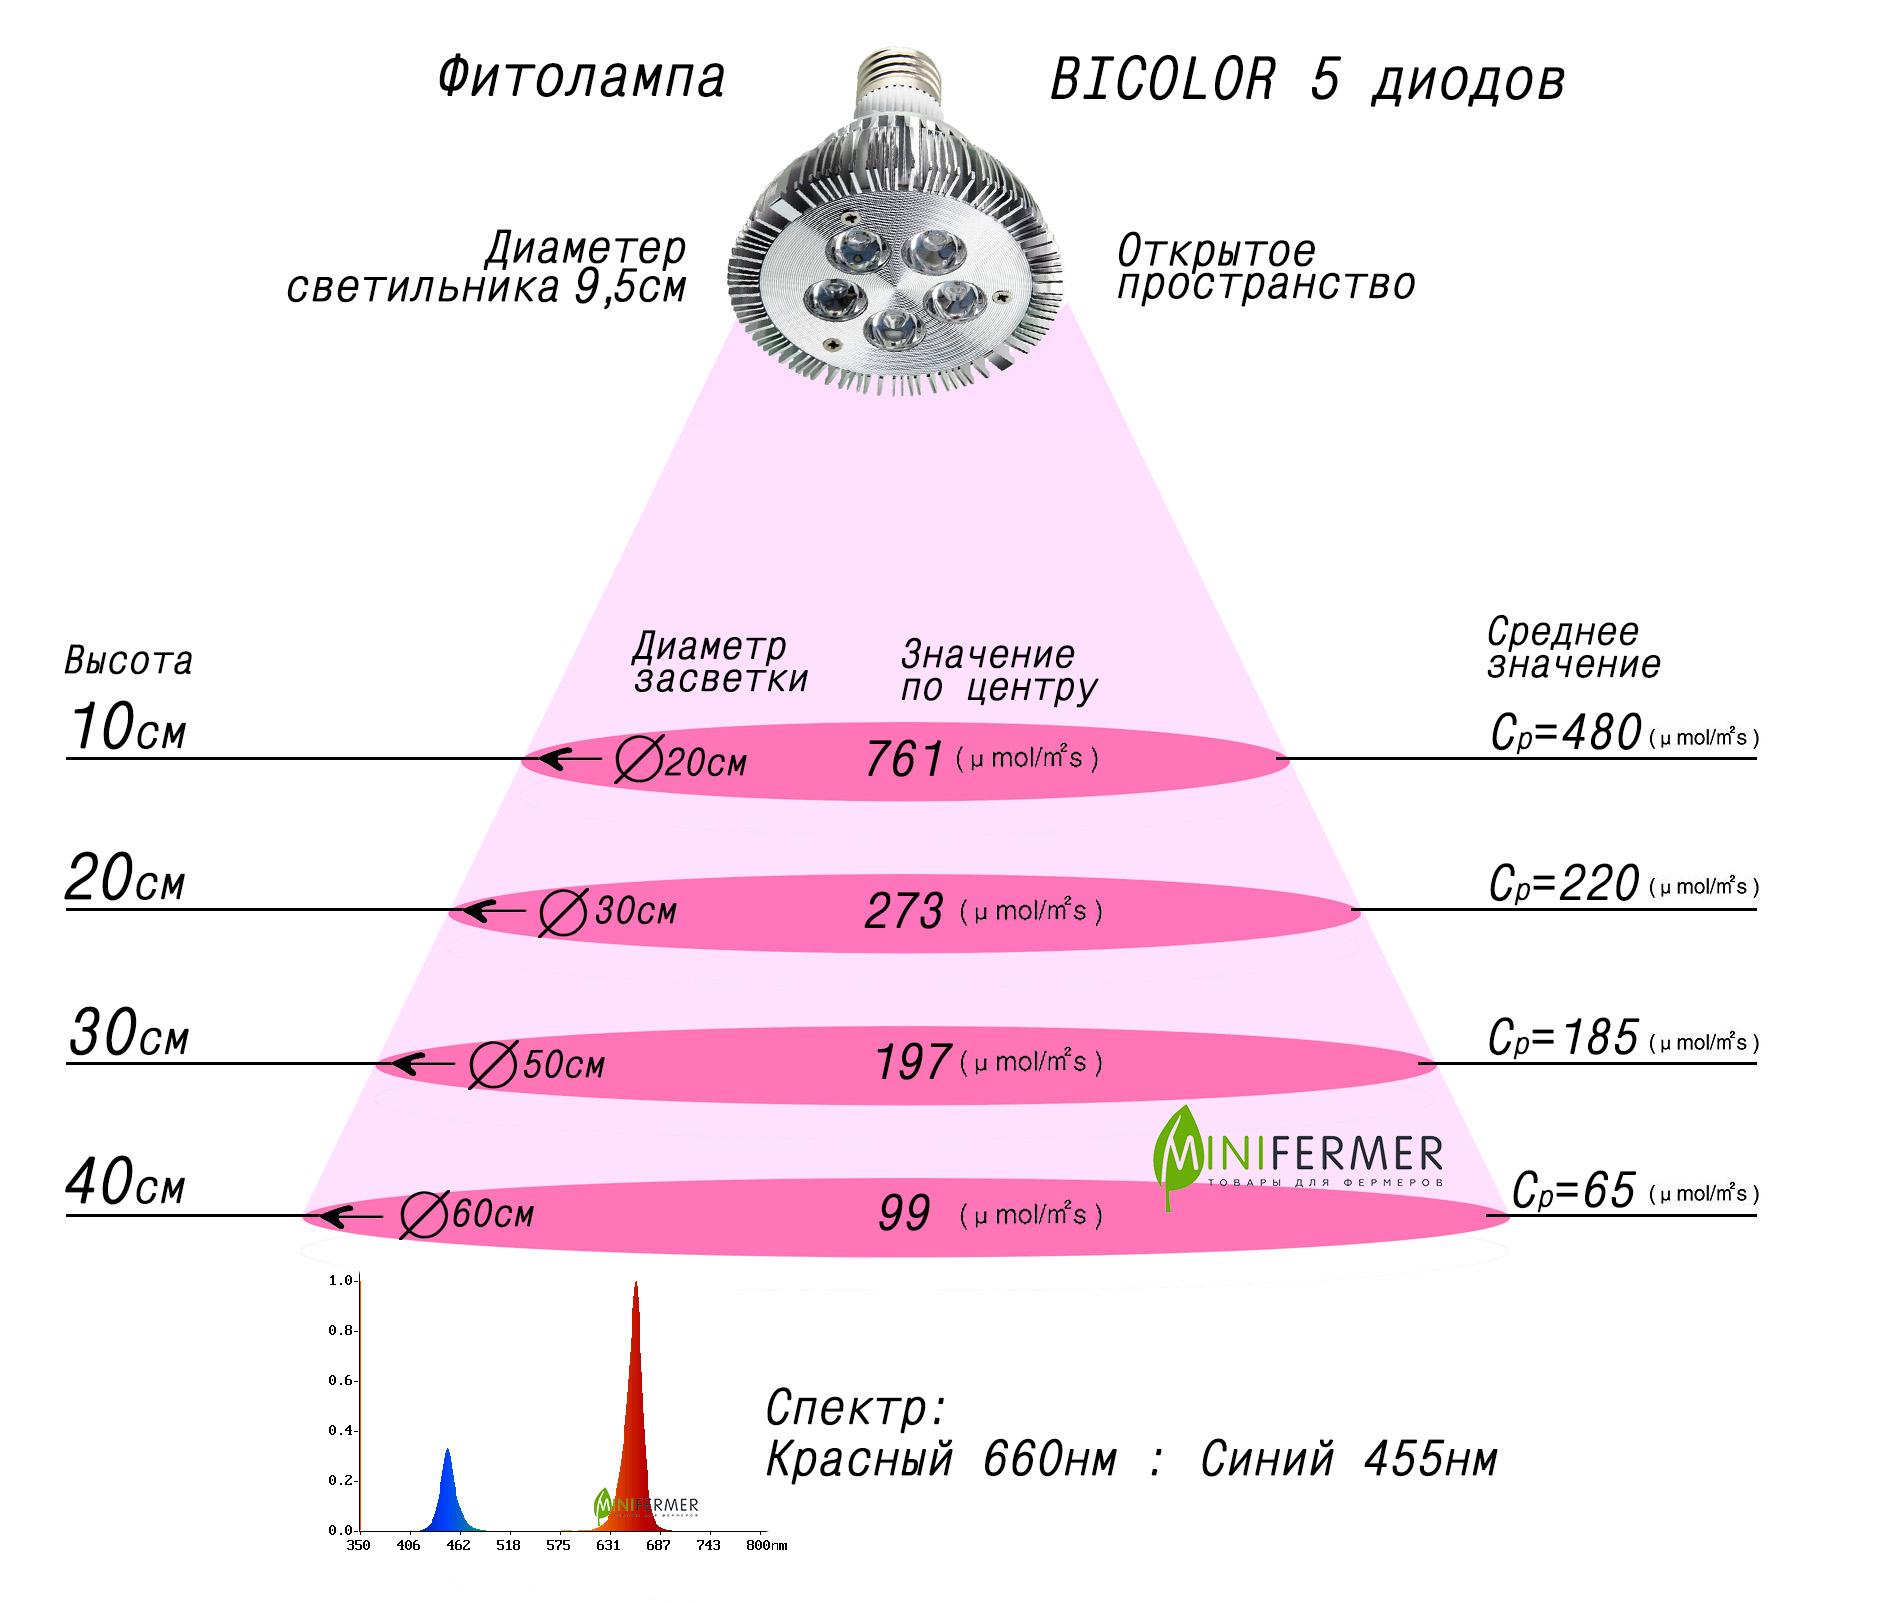 Спектрограмма: